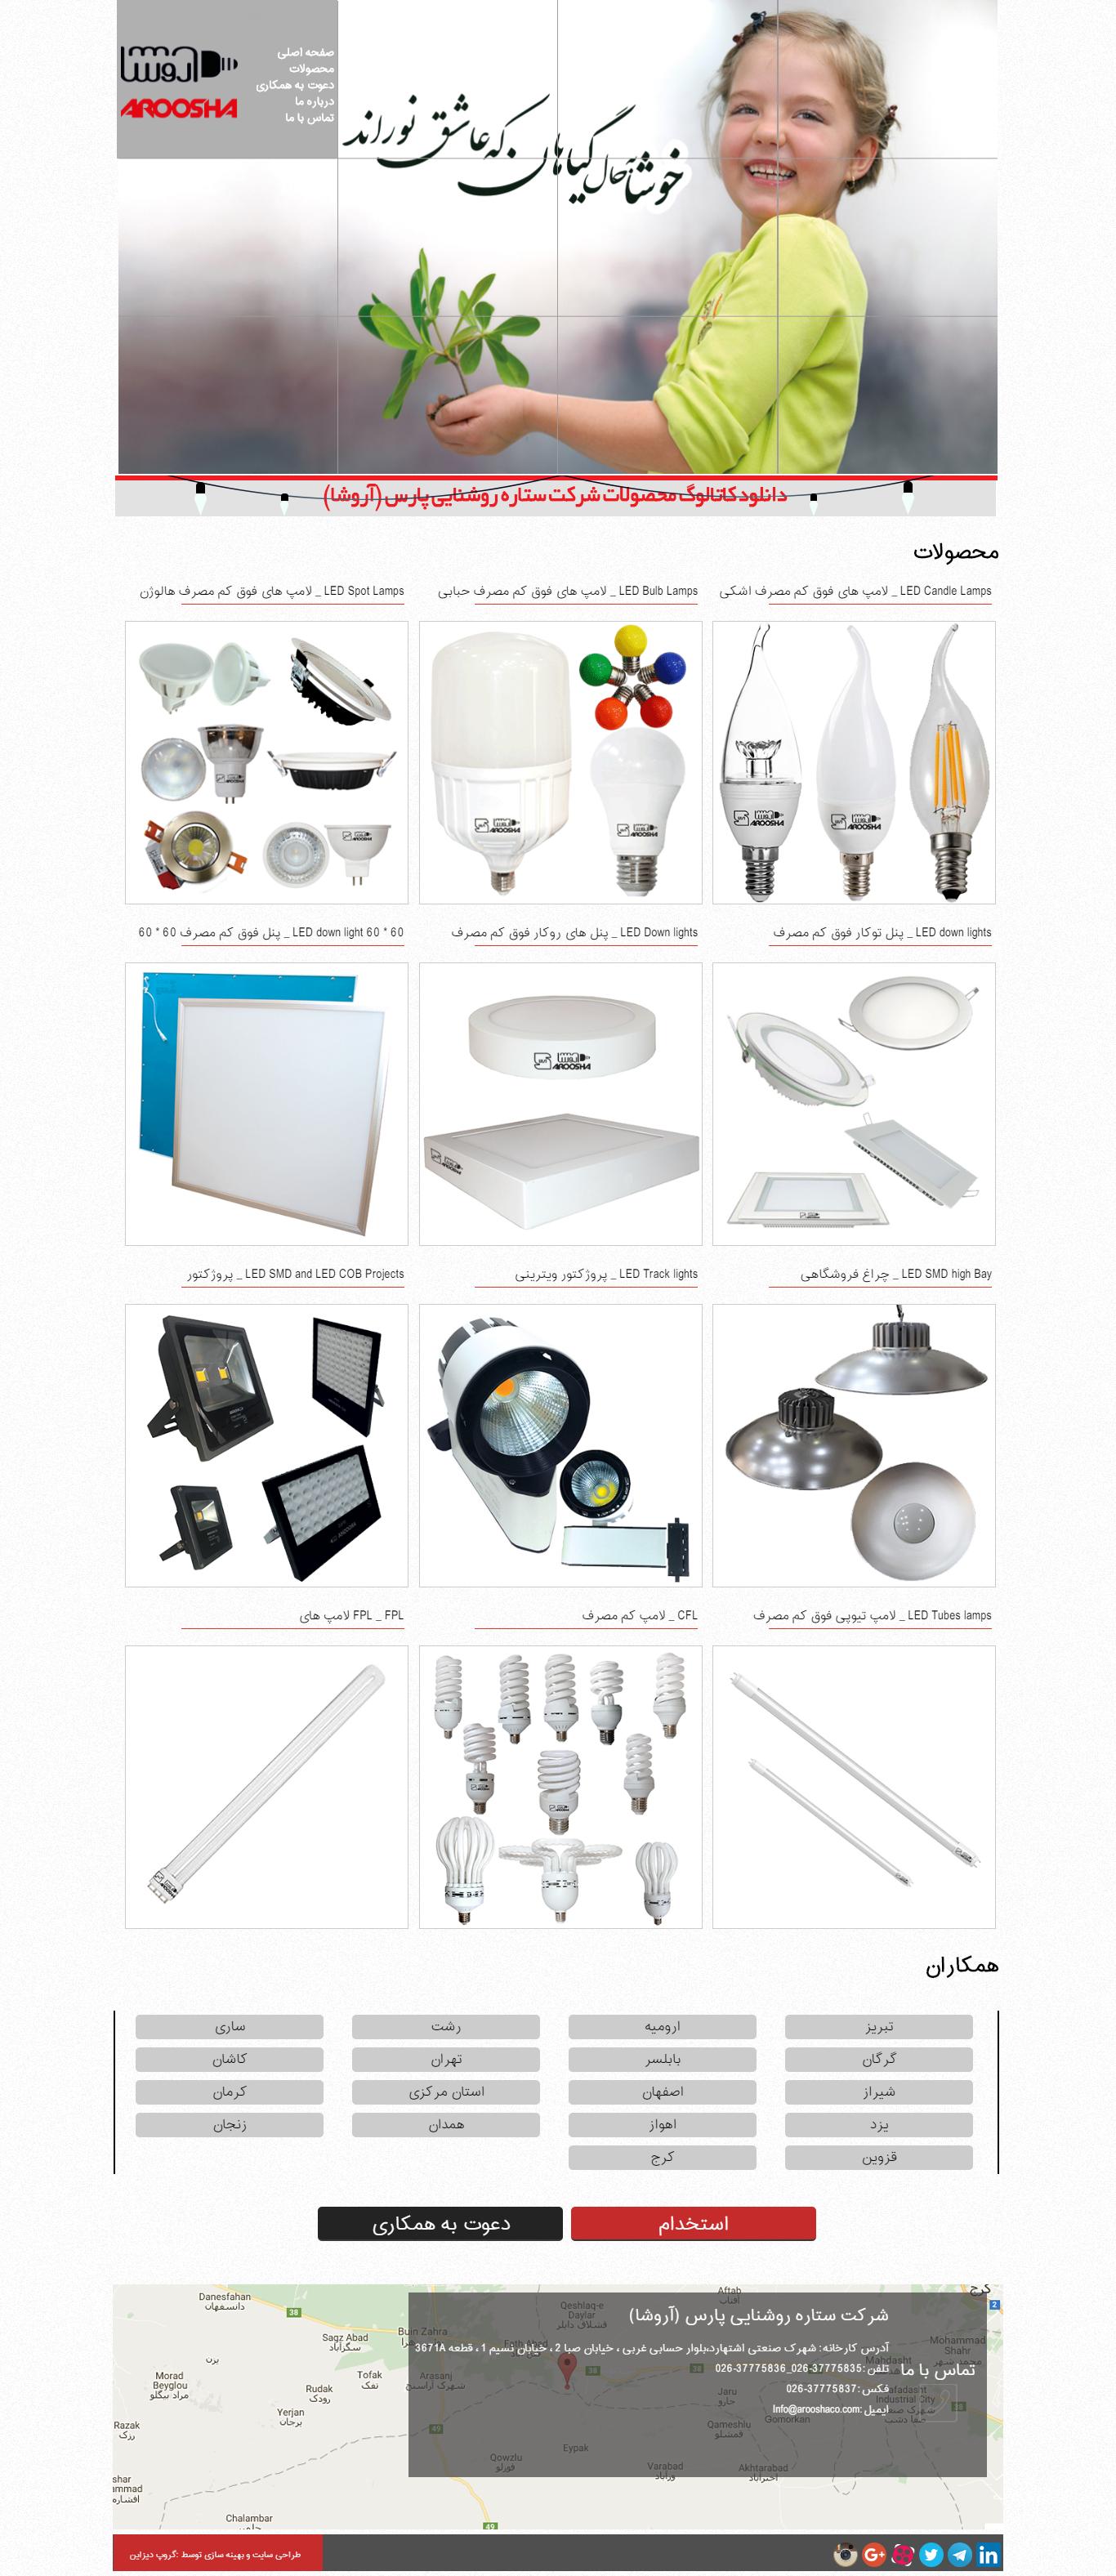 طراحی سایت شرکت ستاره روشنایی پارس